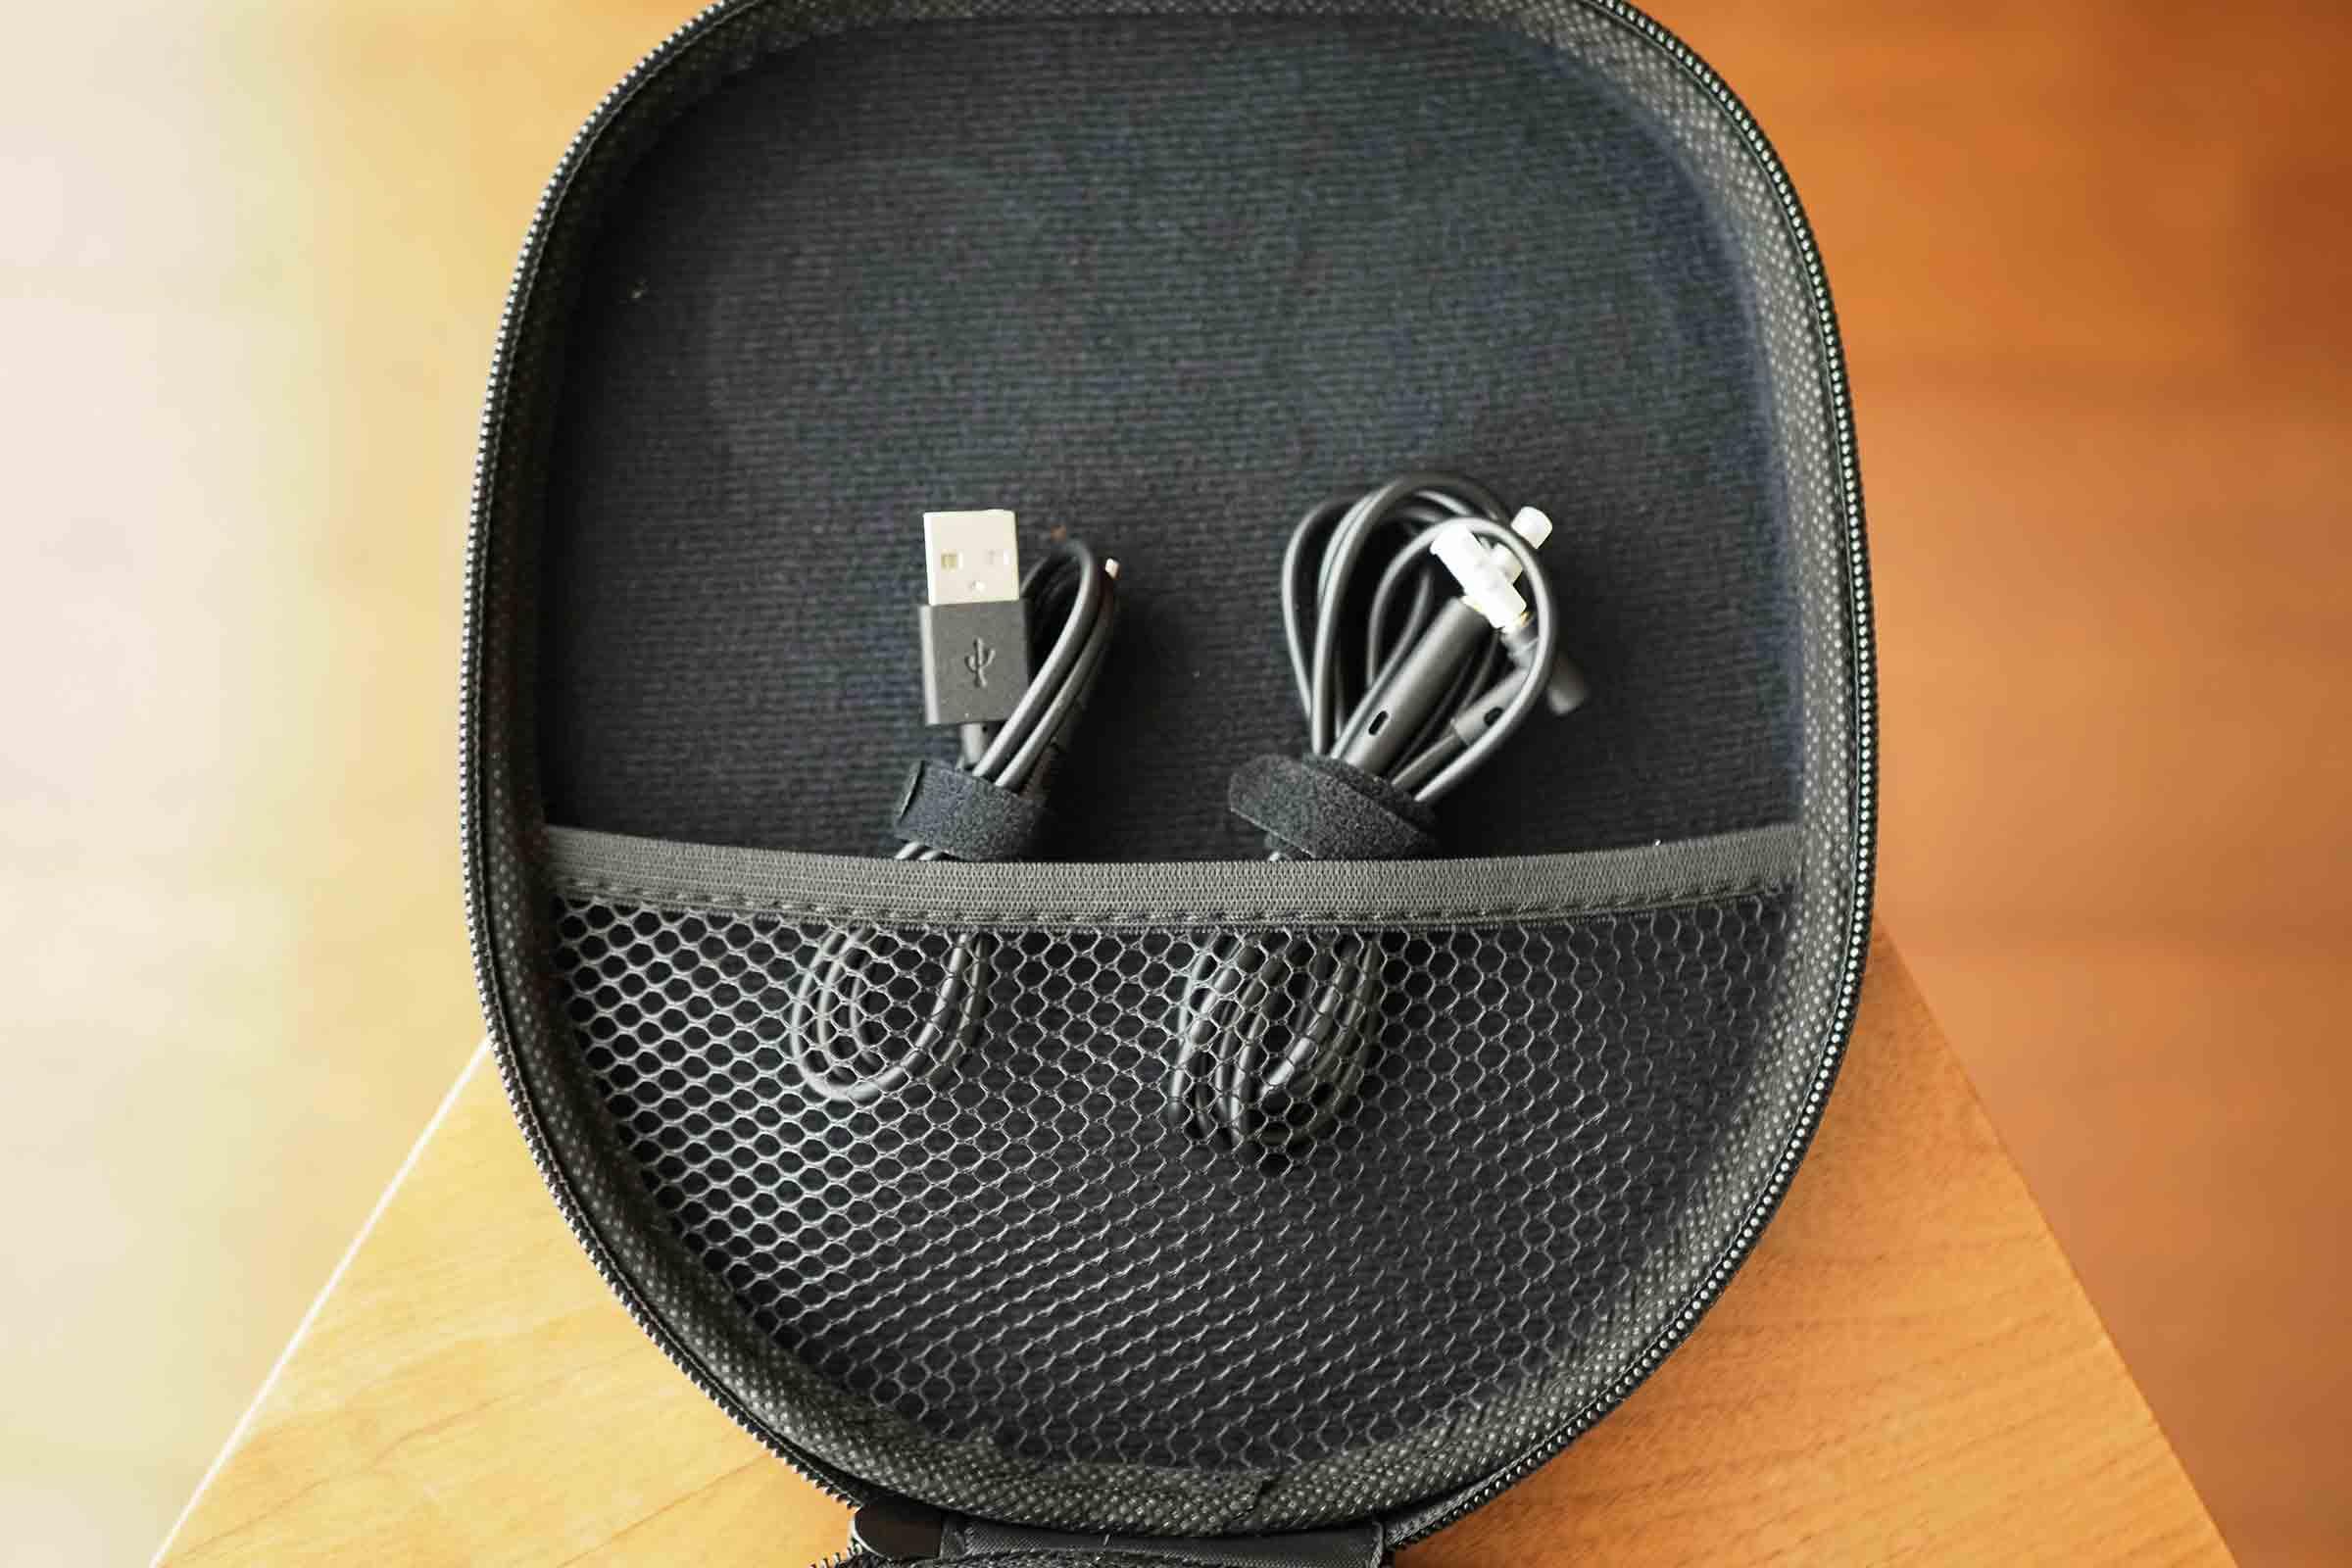 ワイヤレスイヤホン,ワイヤレスヘッドホン,vankyo,ノイズキャンセリング,音質,高音質,低音,安い,マイクロUSB